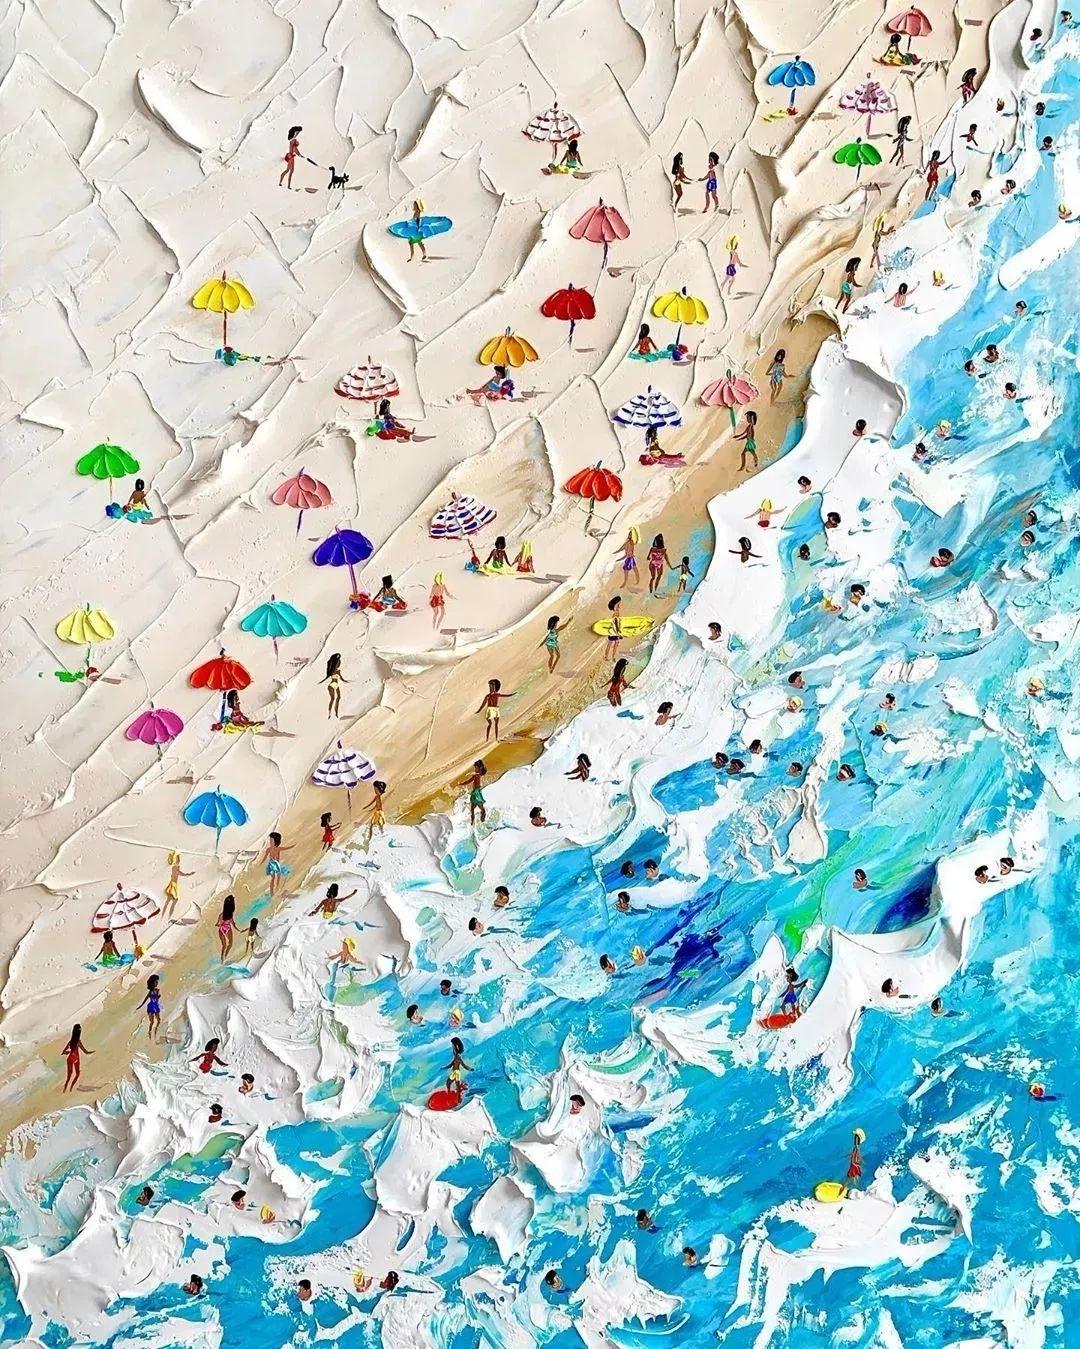 笔触大胆,用色干净利落,爱沙尼亚女画家Alena Shymchonak插图36